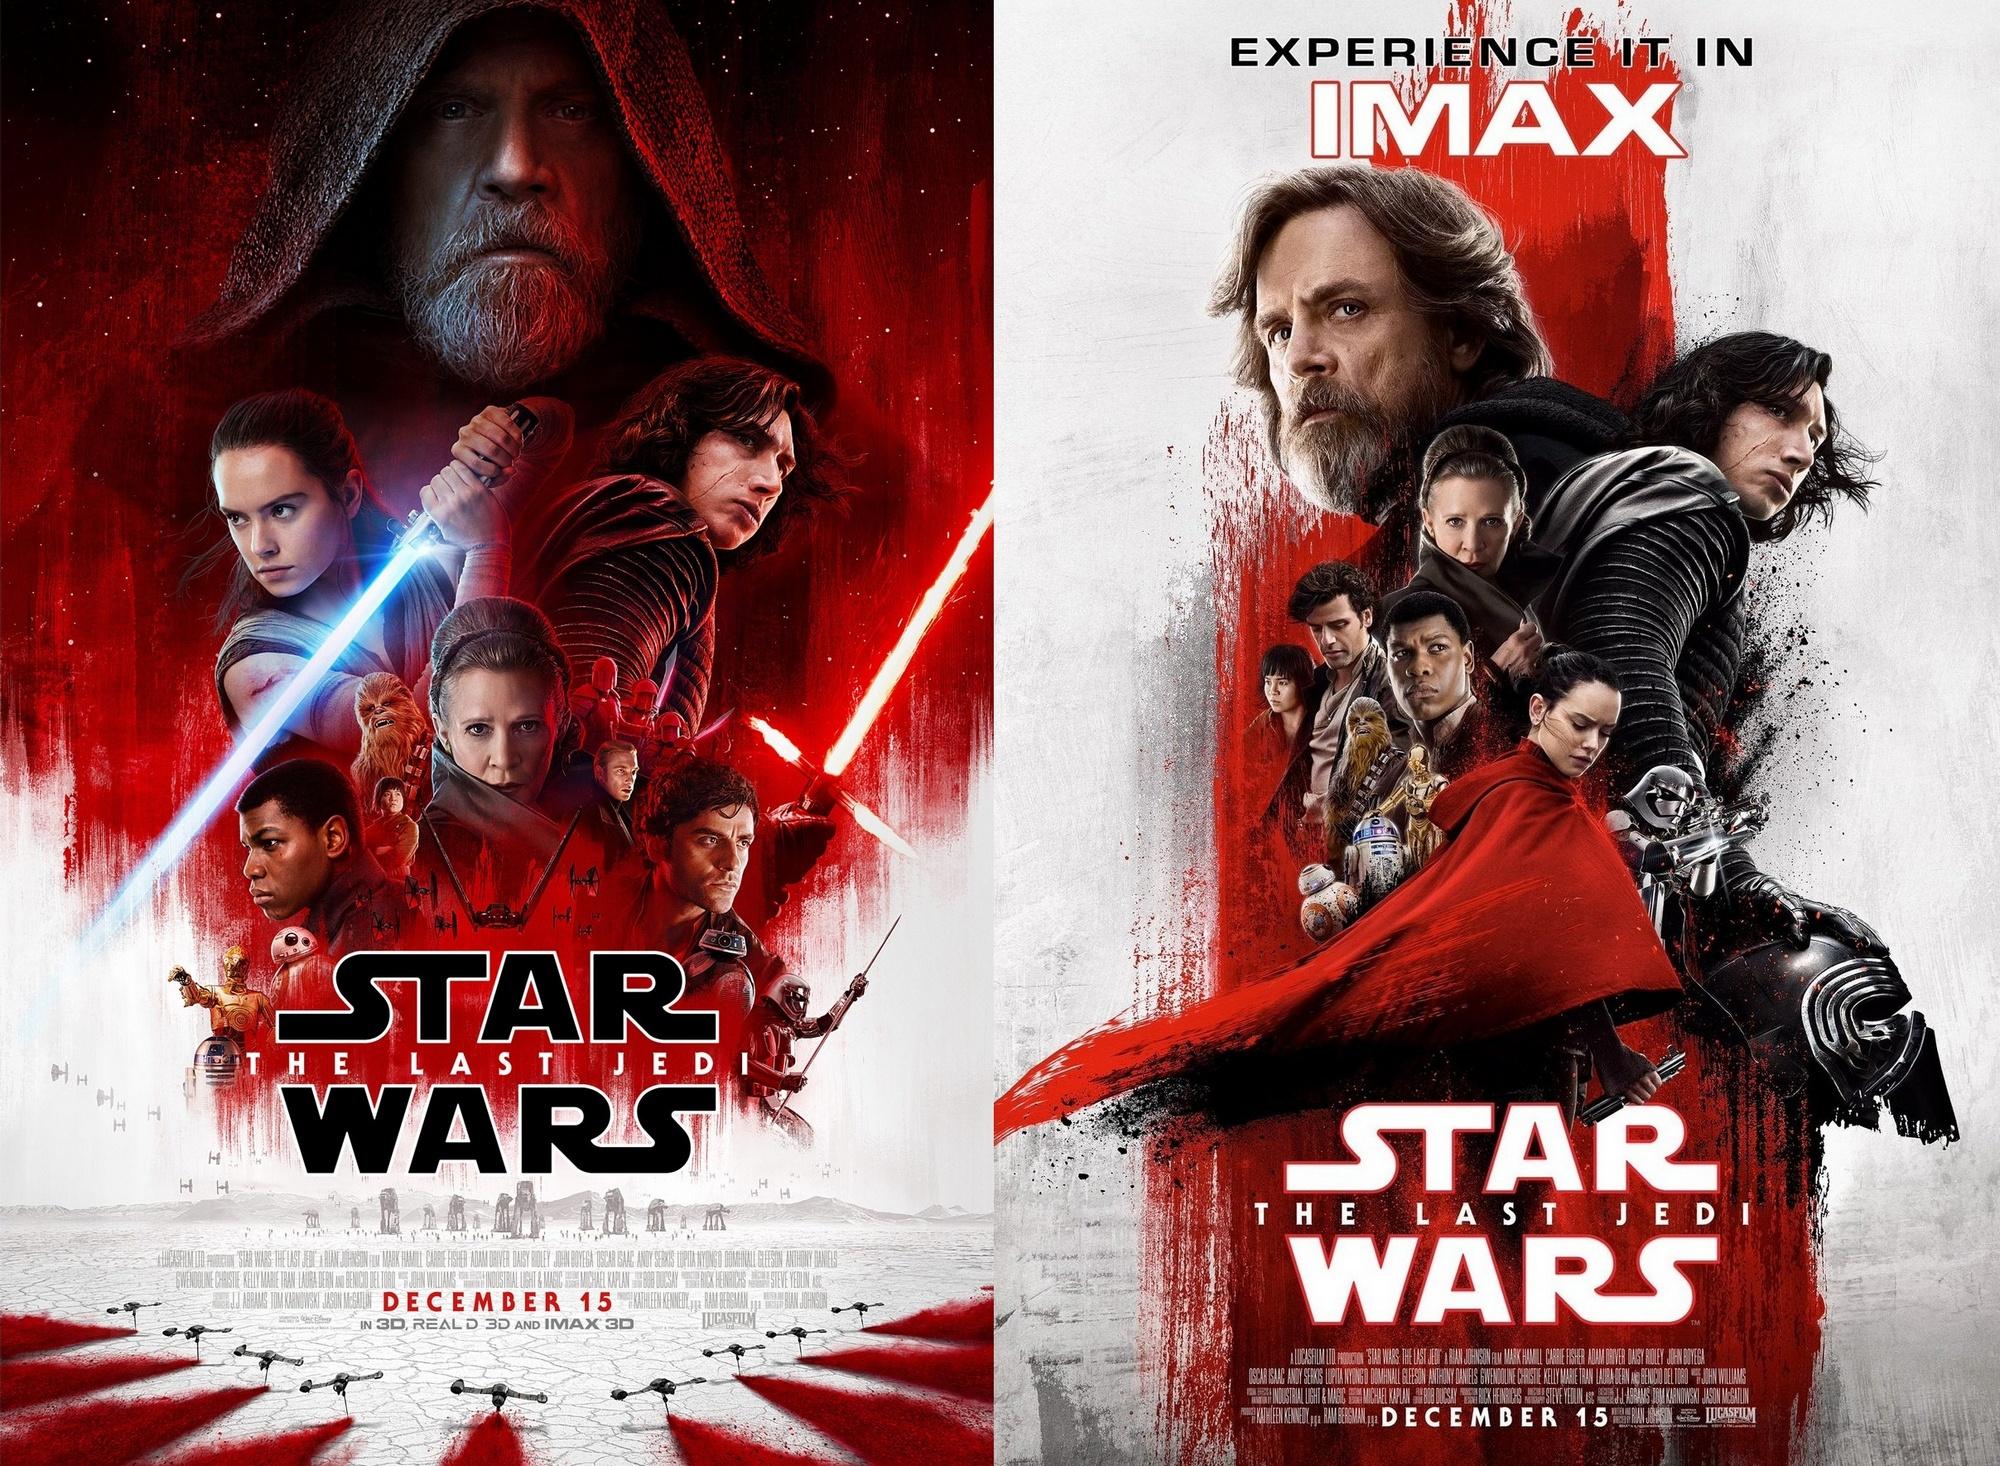 Звёздные войны. Эпизод 8: Последние джедаи / Star Wars VIII: The Last Jedi [2017]: Фильму «Звёздные Войны: Последние Джедаи» предрекают 0 млн сборов